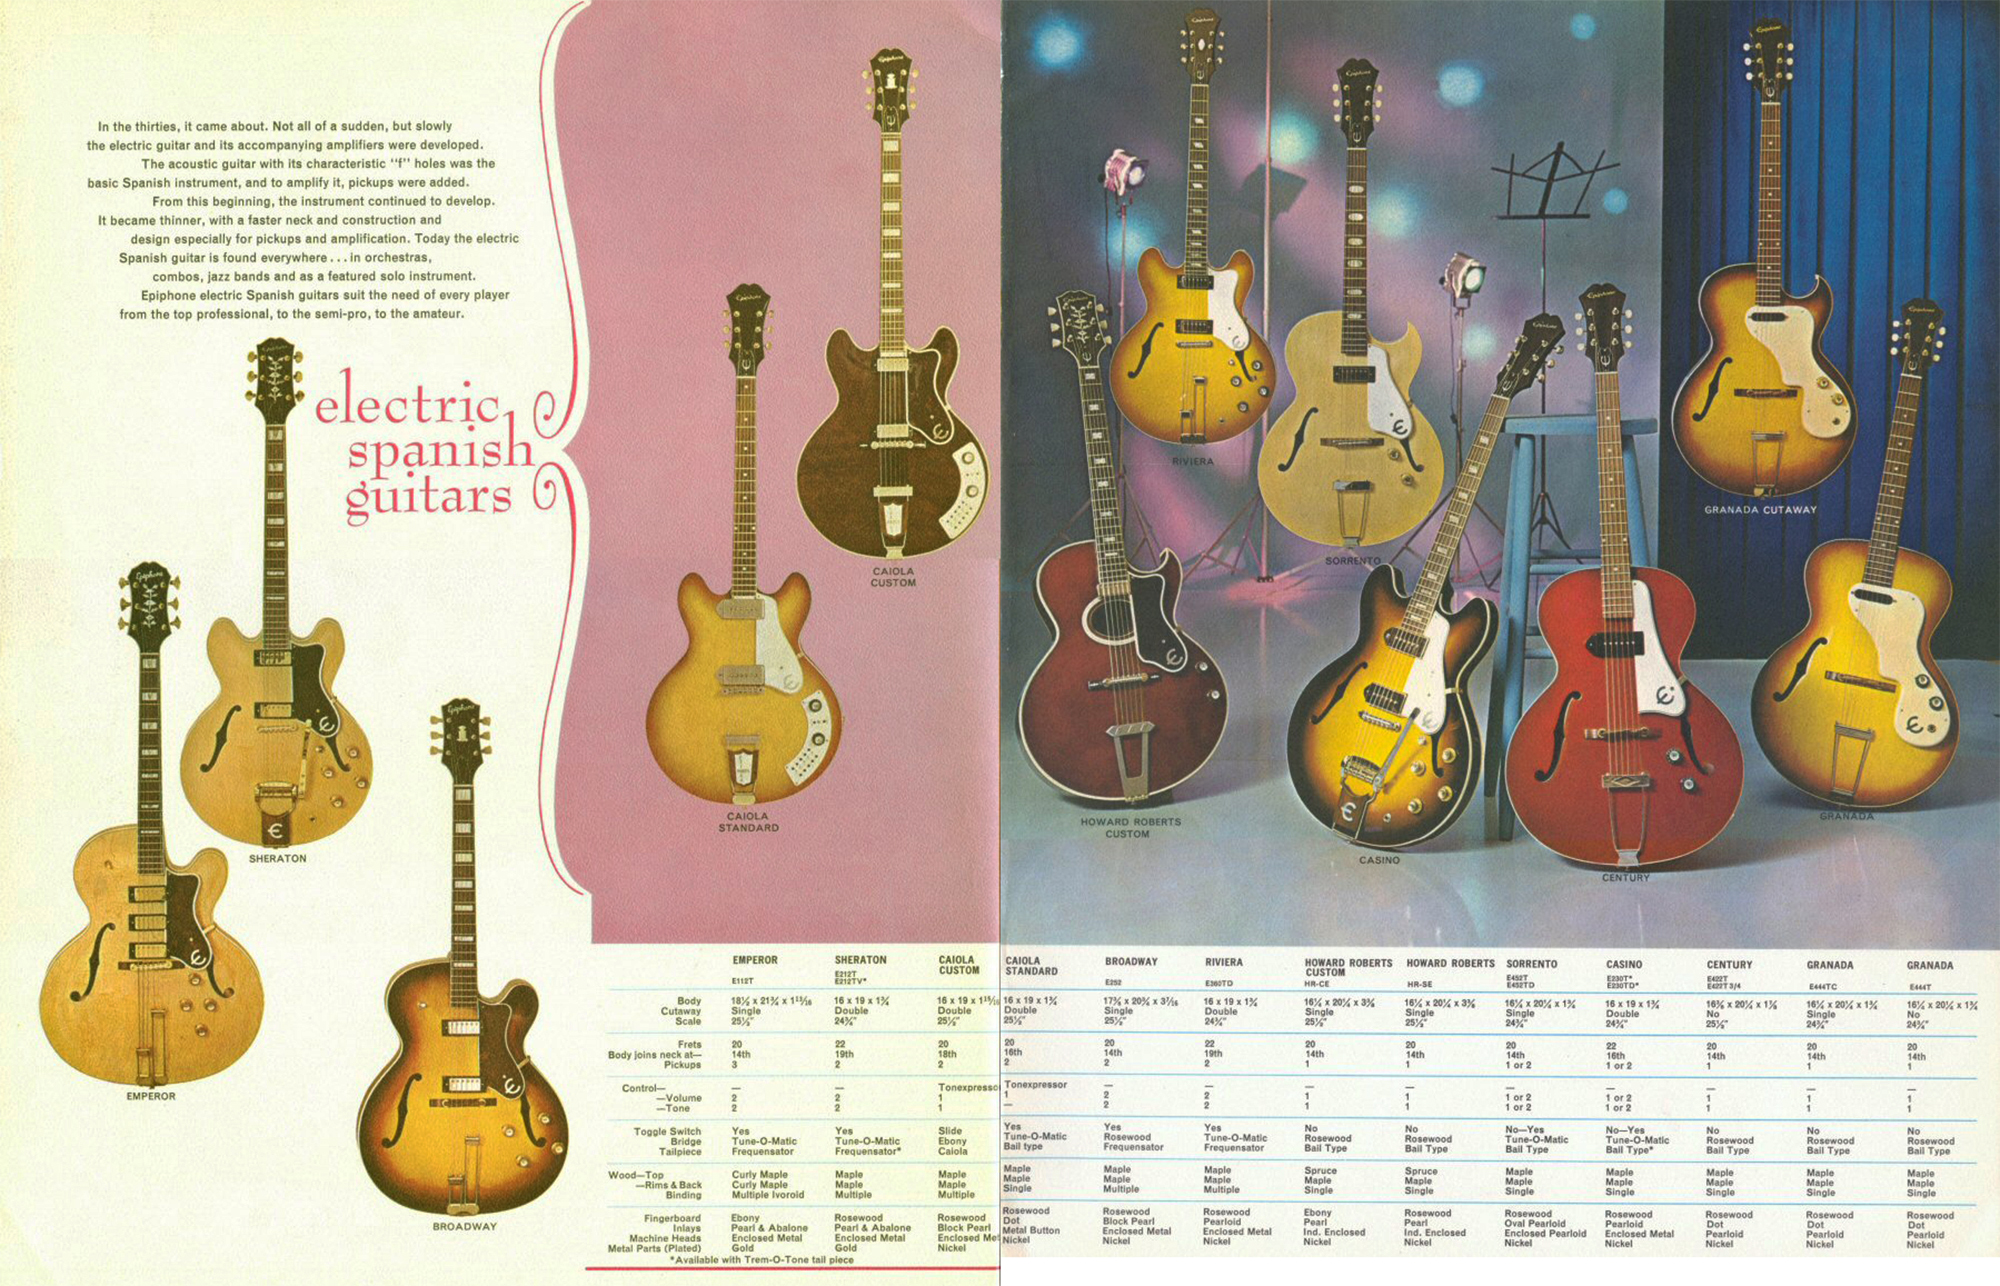 The 1966 Epiphone catalog